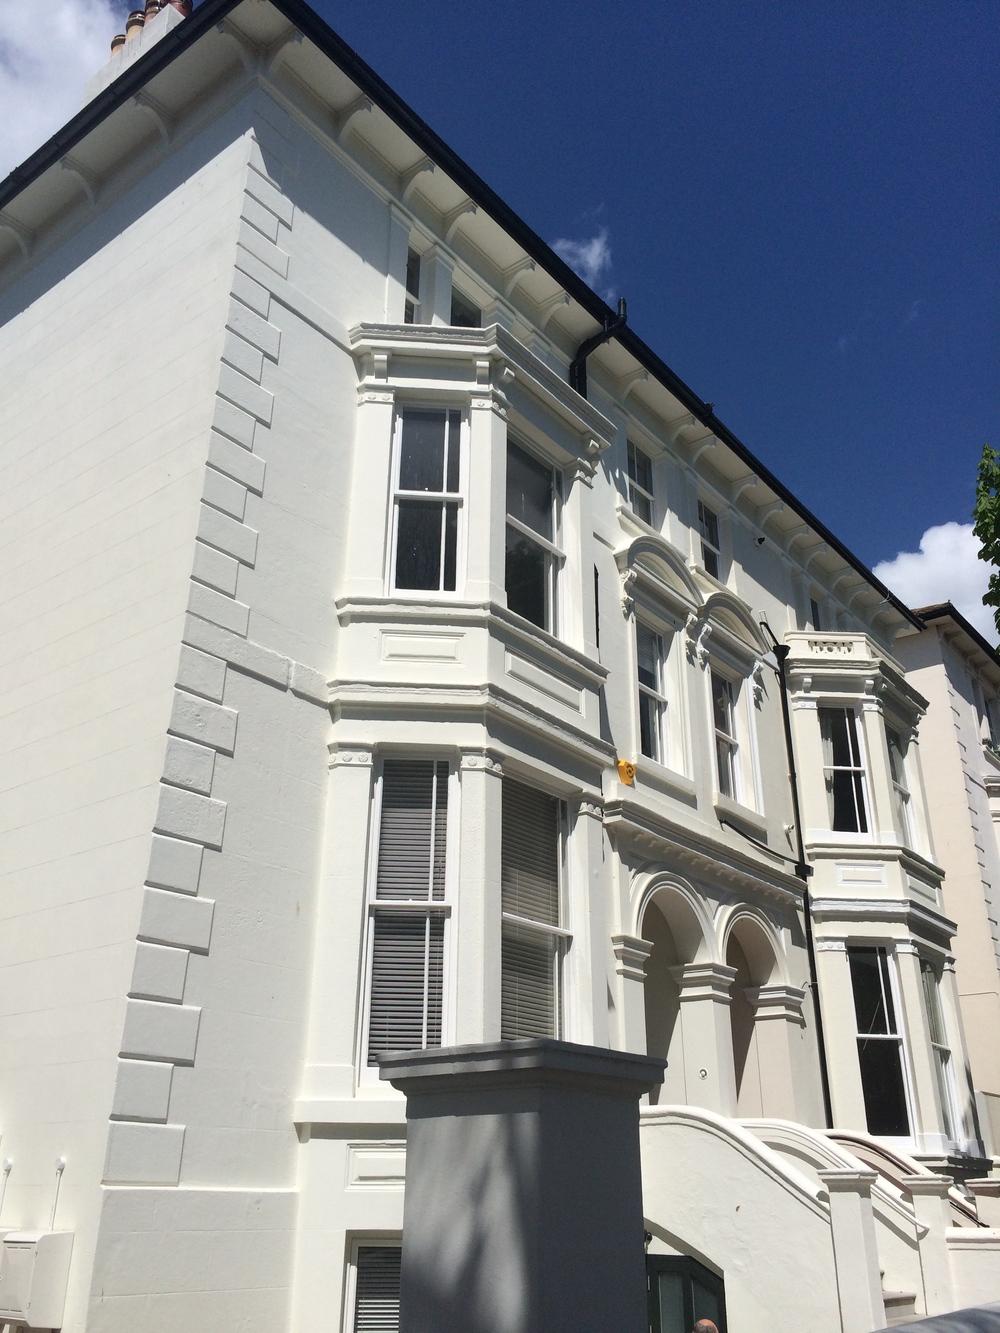 Ventnor Villas   Conversions of flats back into family home in Hove